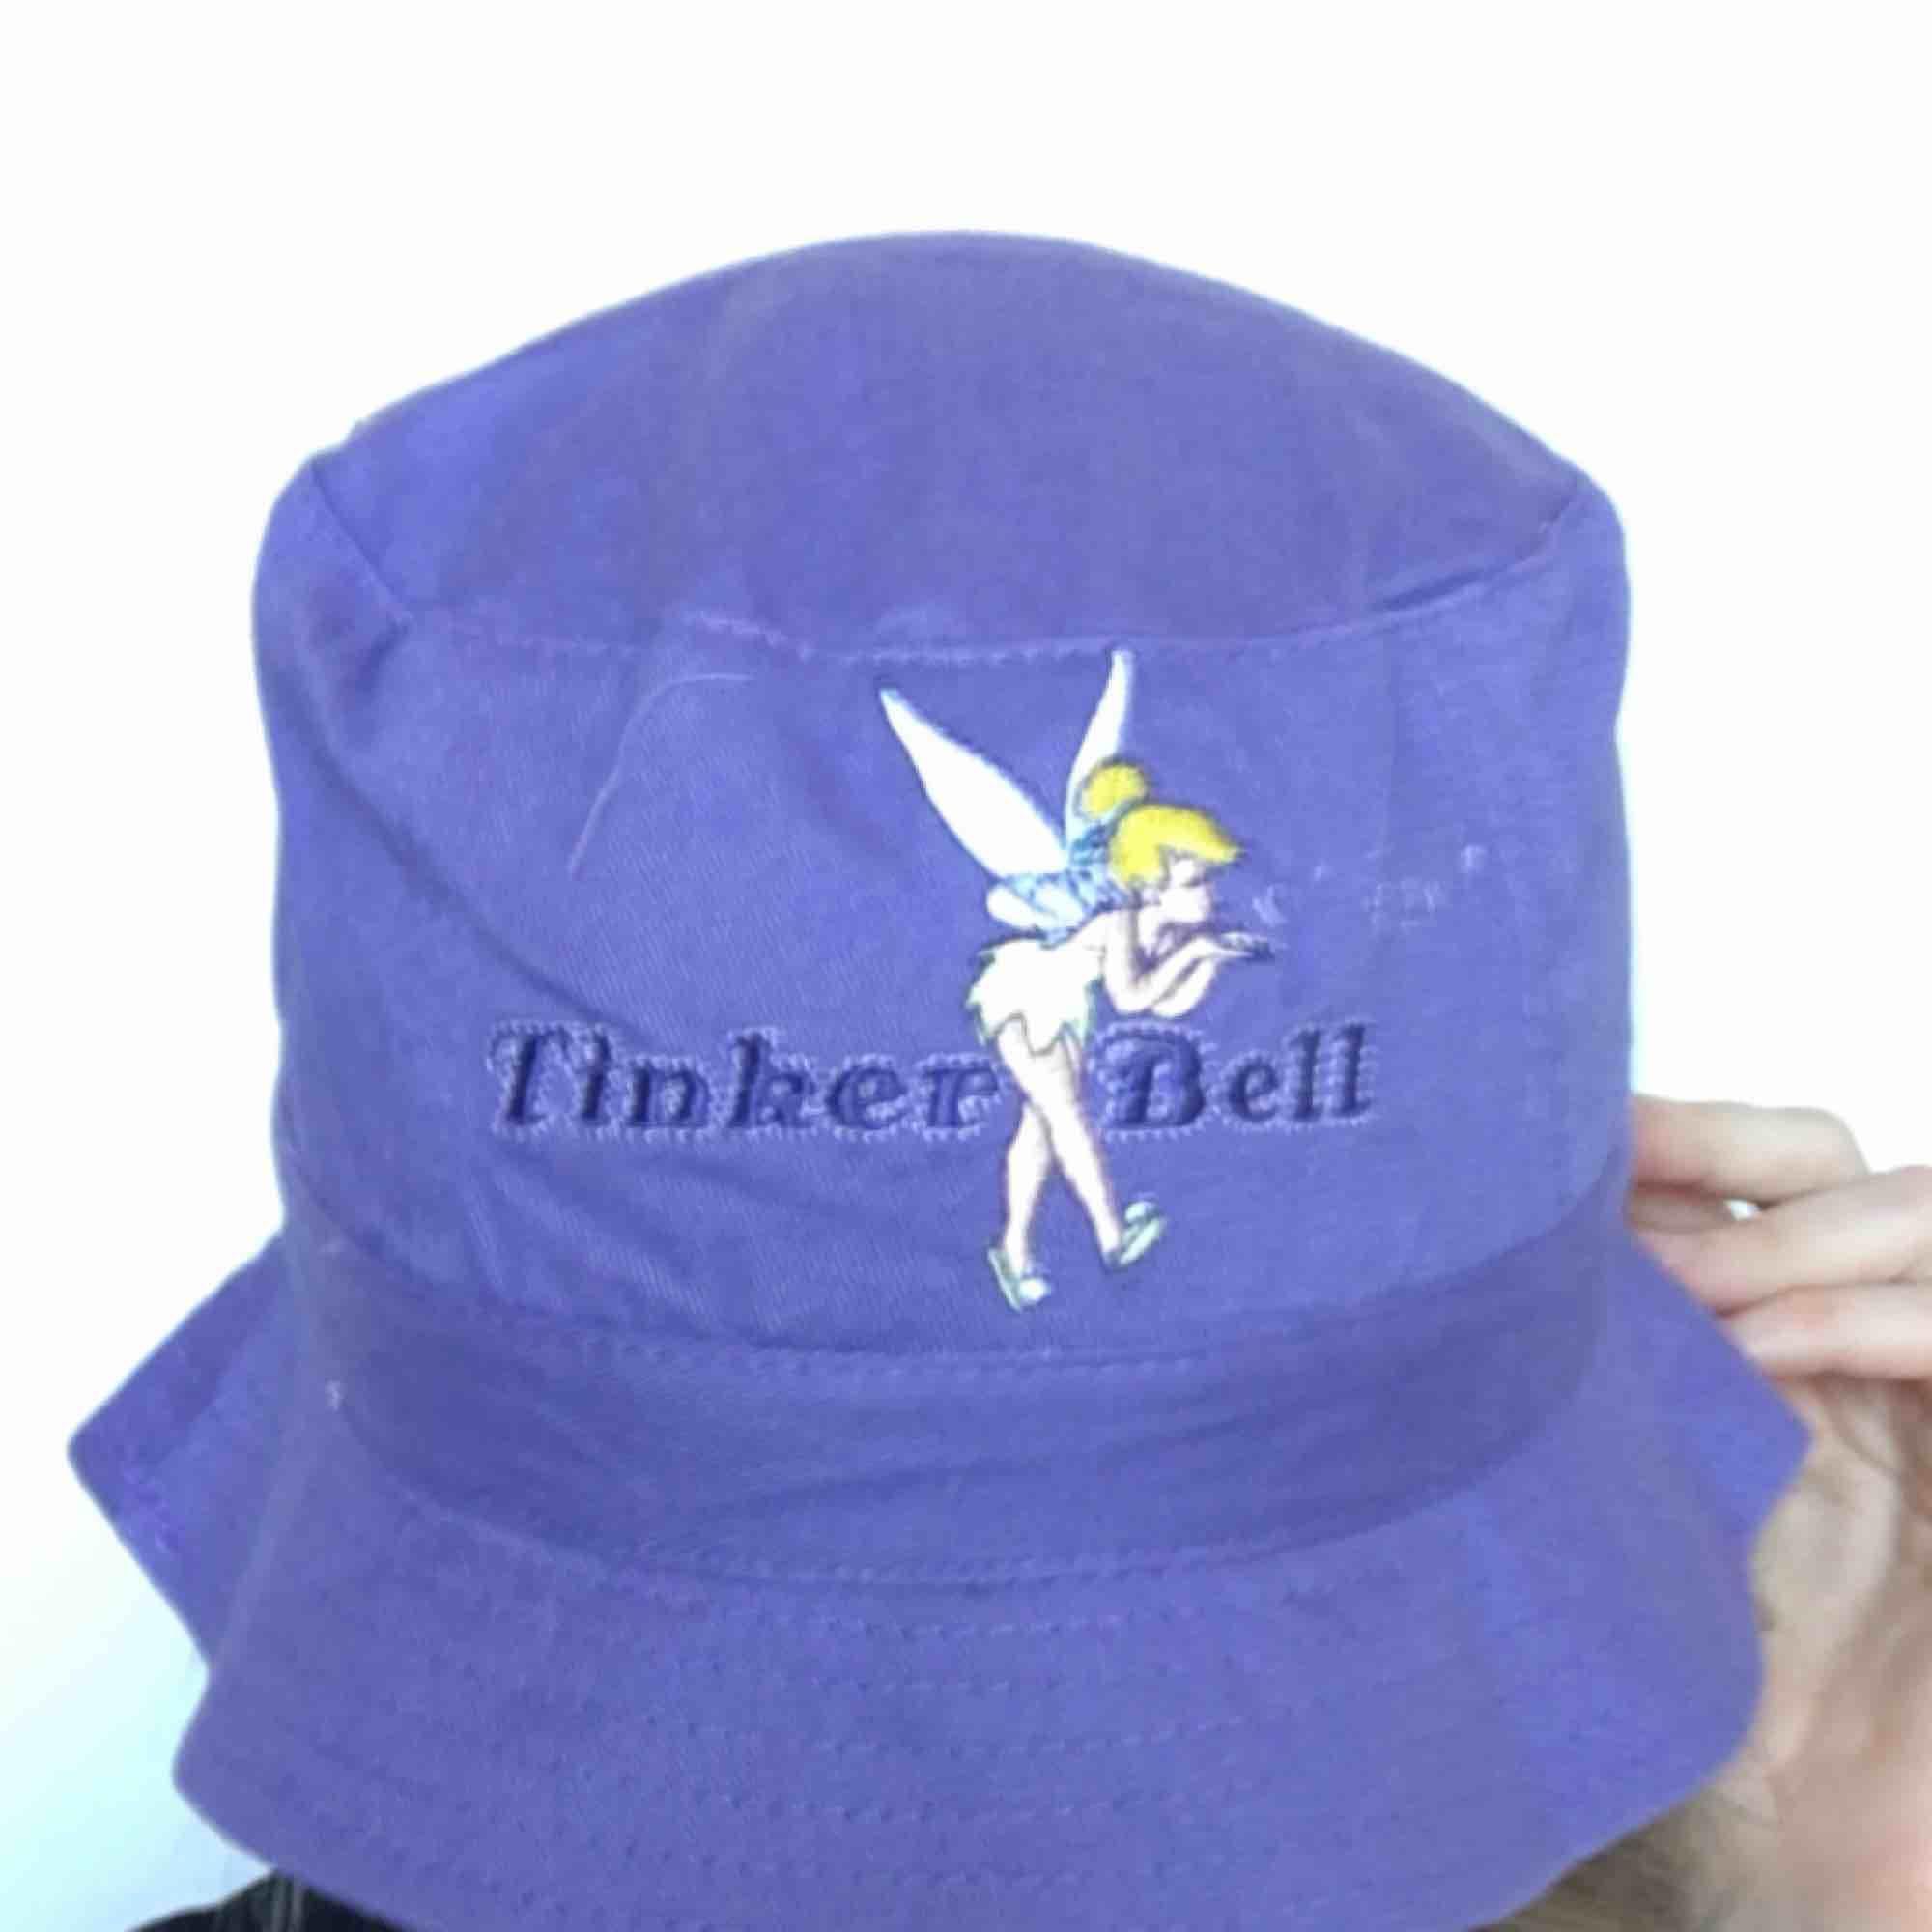 🍒BuCKET PUPPET🍒 QT buckethatt i lila med Tinkerbell broderi framtill. så fin att styla till bby rosa för äkta y2k stil. Det är en barnstorlek så passar mindre storlekar. Frakt tillkommer. Puss o K🍒. Accessoarer.